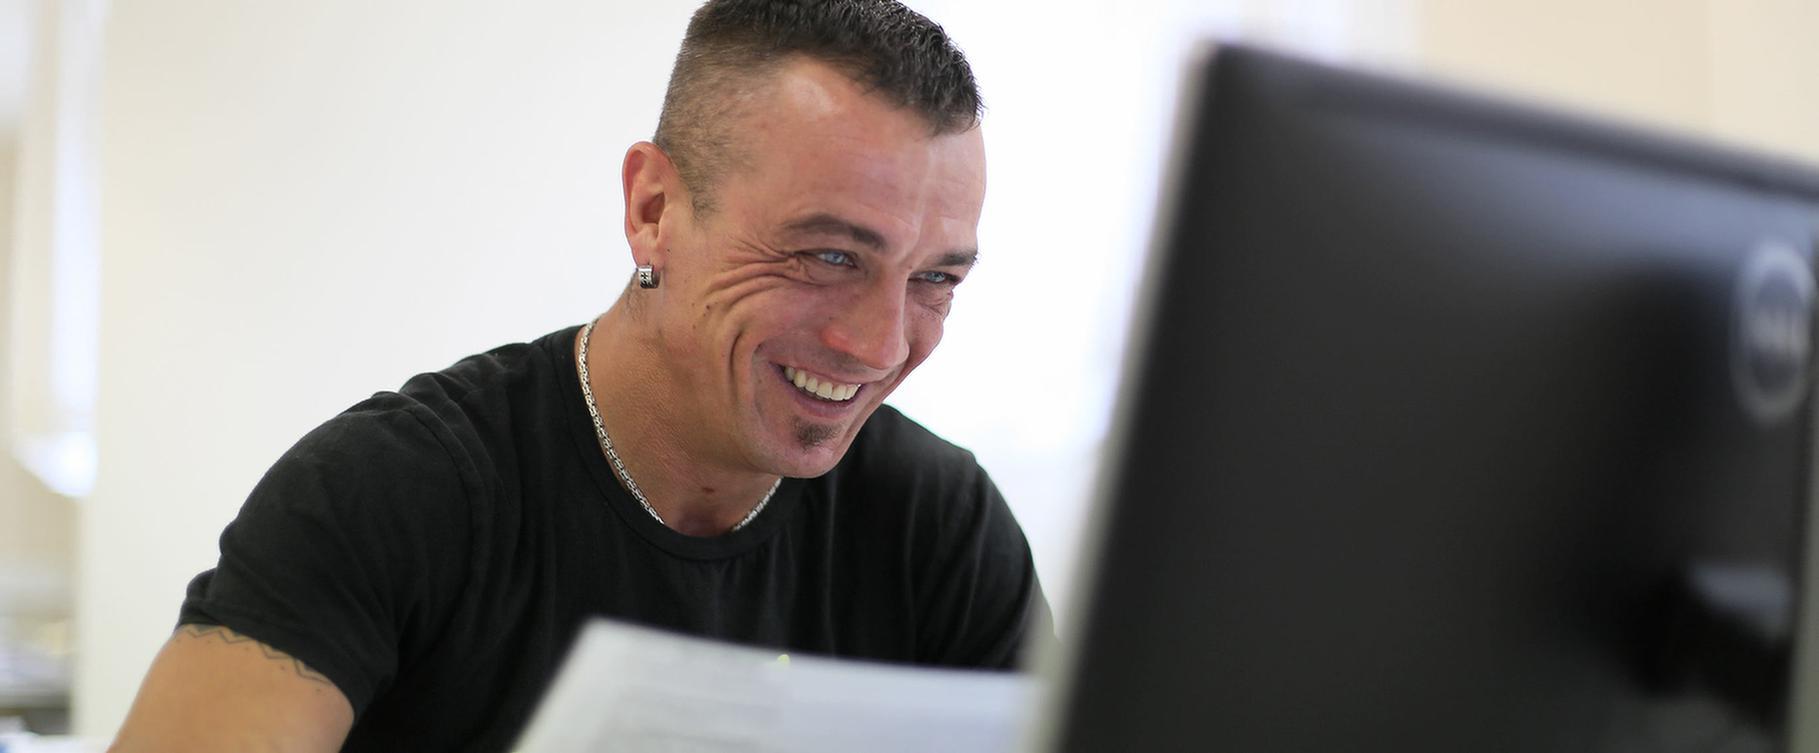 M-Check der MEDIAN Kliniken Mann der in einen laptop schaut und lacht